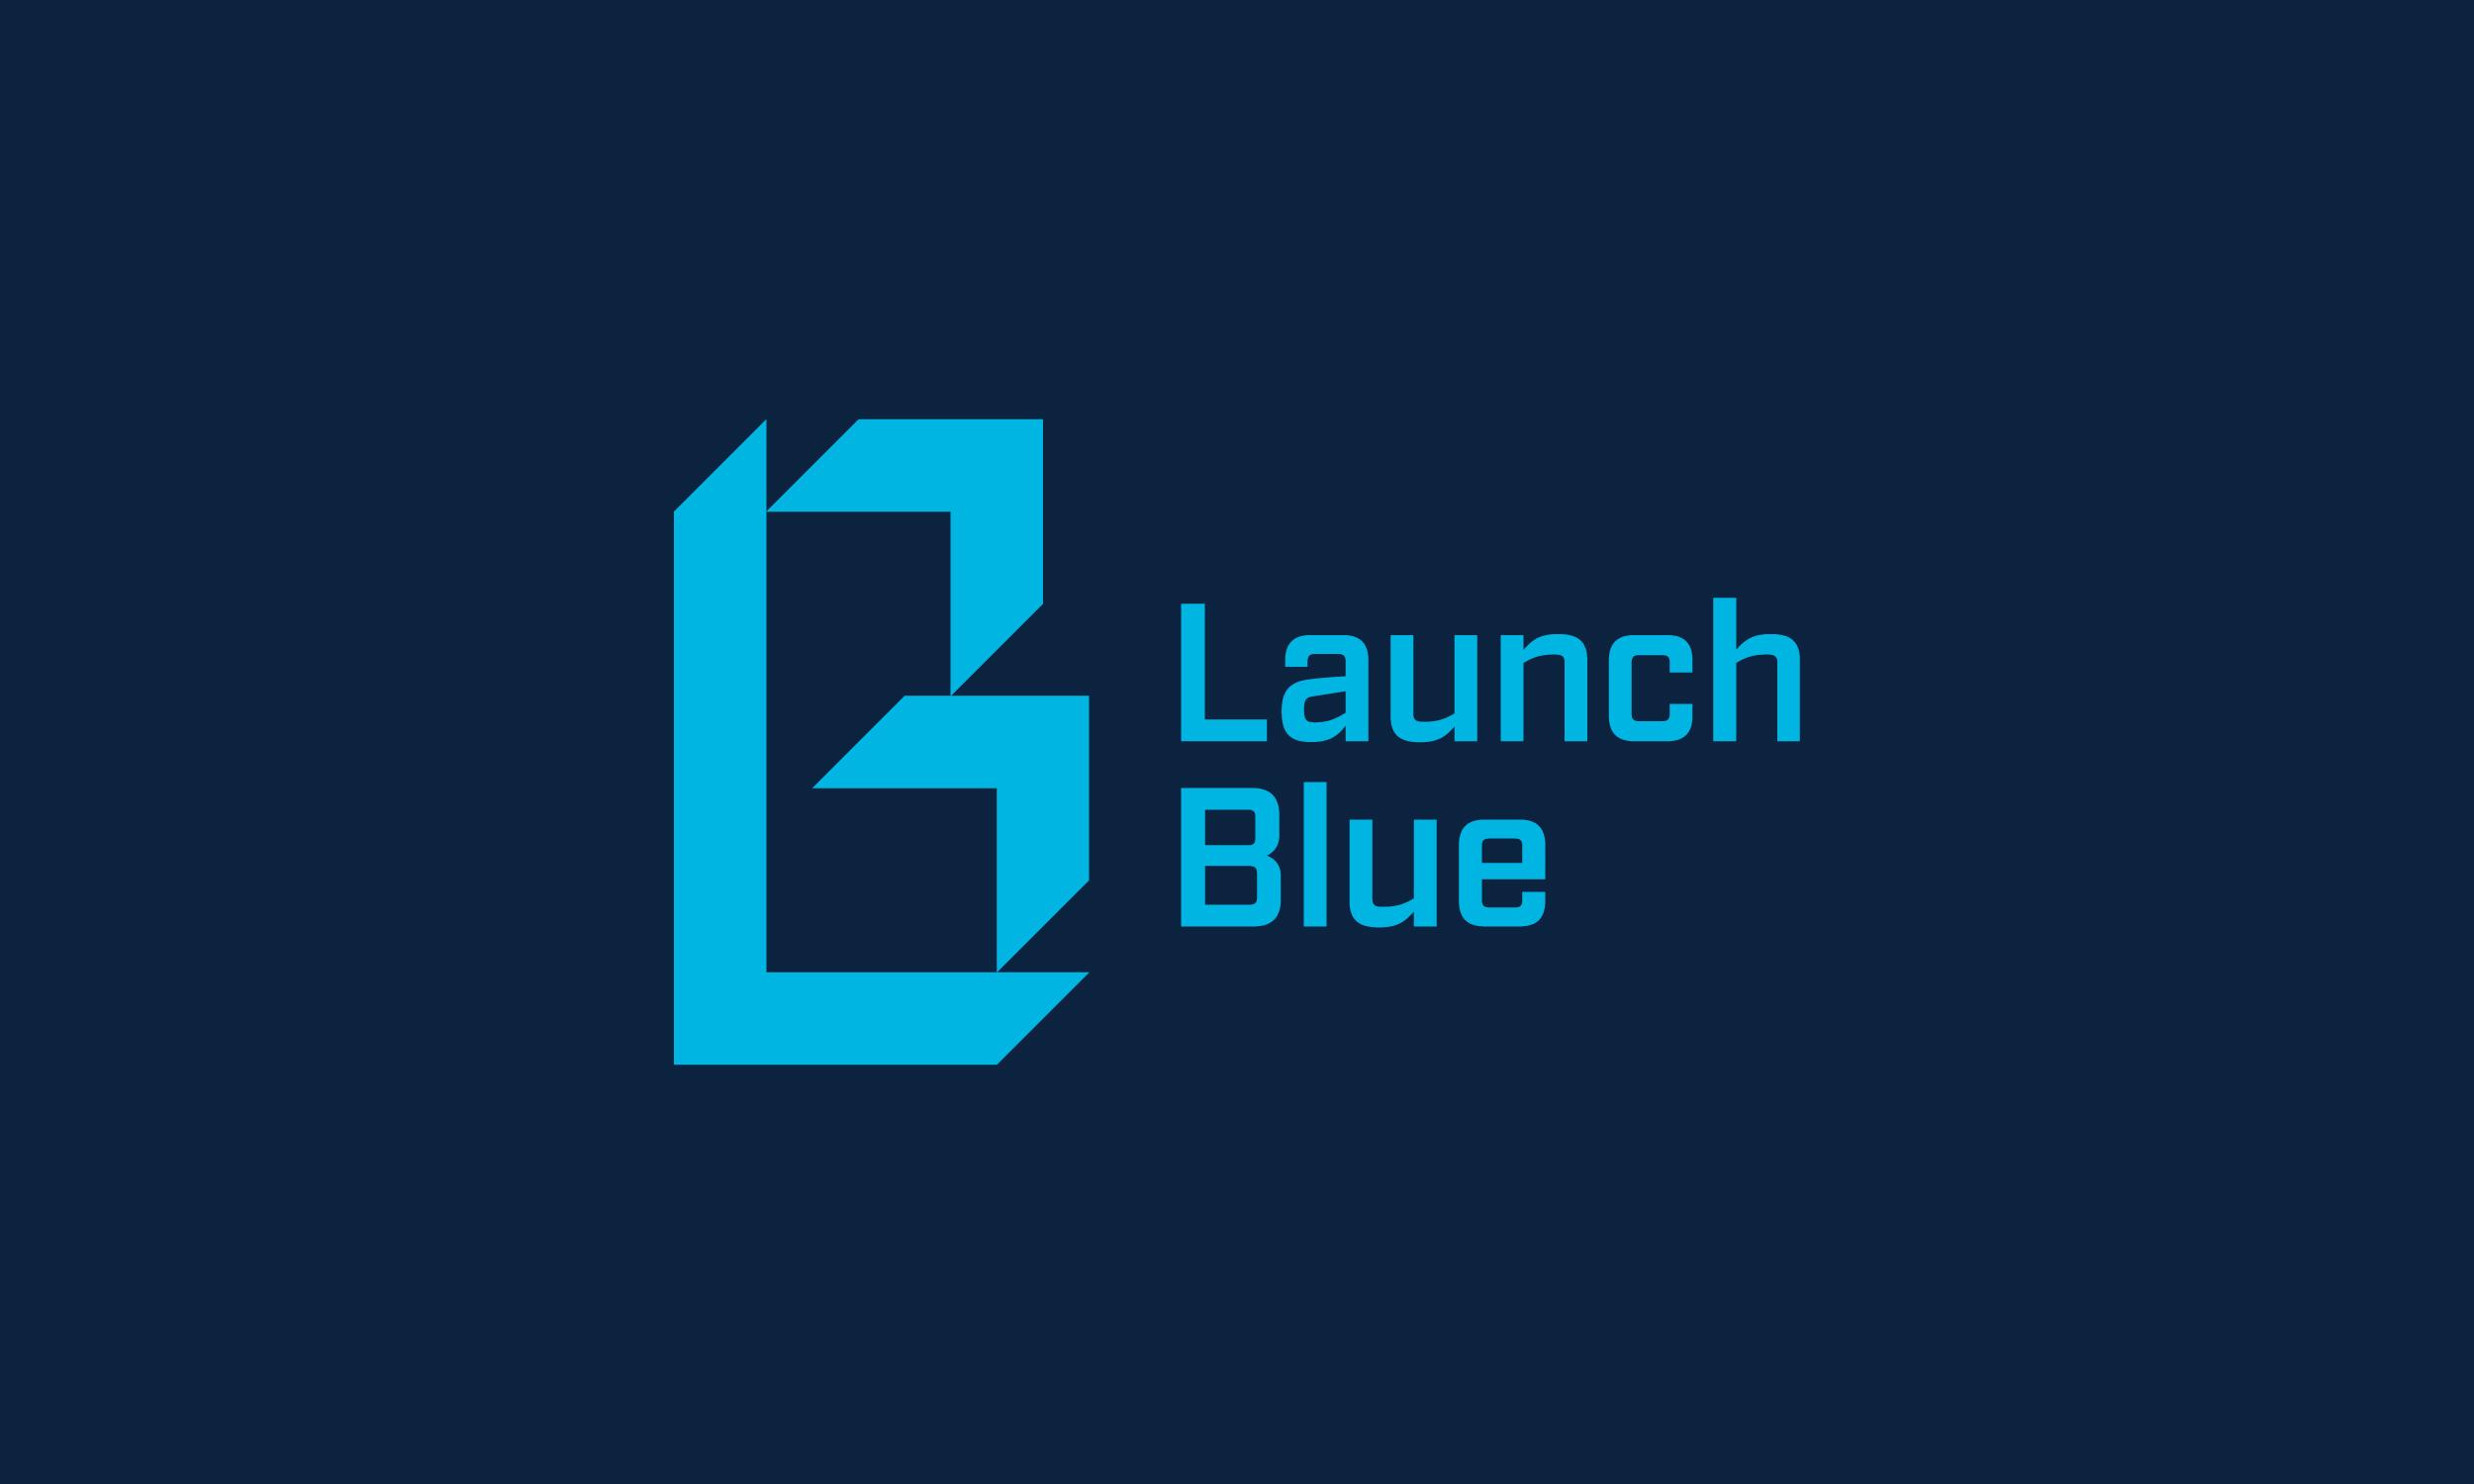 Launch Blue